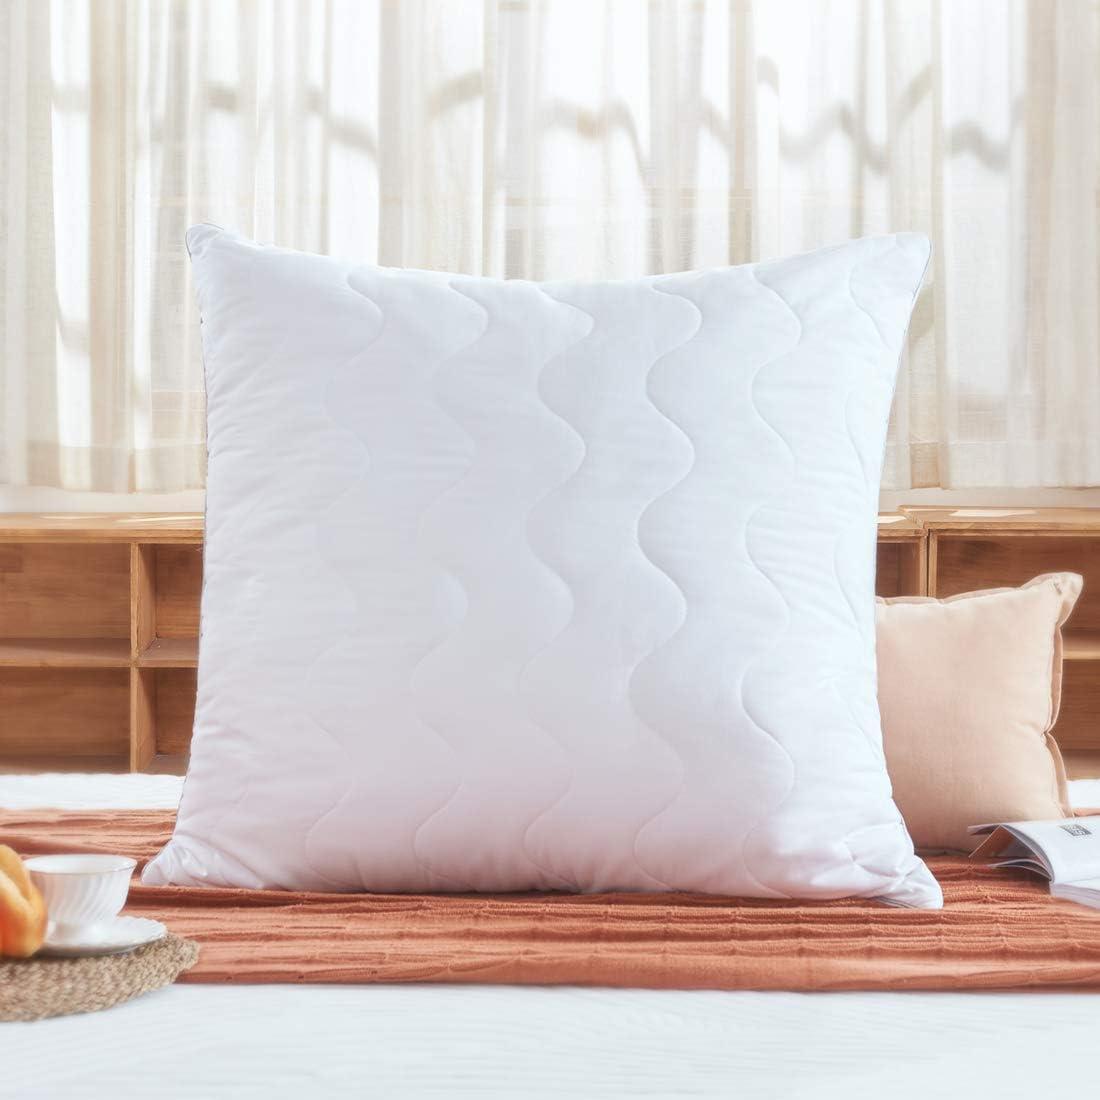 Sweetnight Kopfkissen 80x80 allergiker Kissen nackenstützt 1100g Polyesterholfaser Kissen Füllungen einstellbar mit Reißverschluss Veganes Weiß